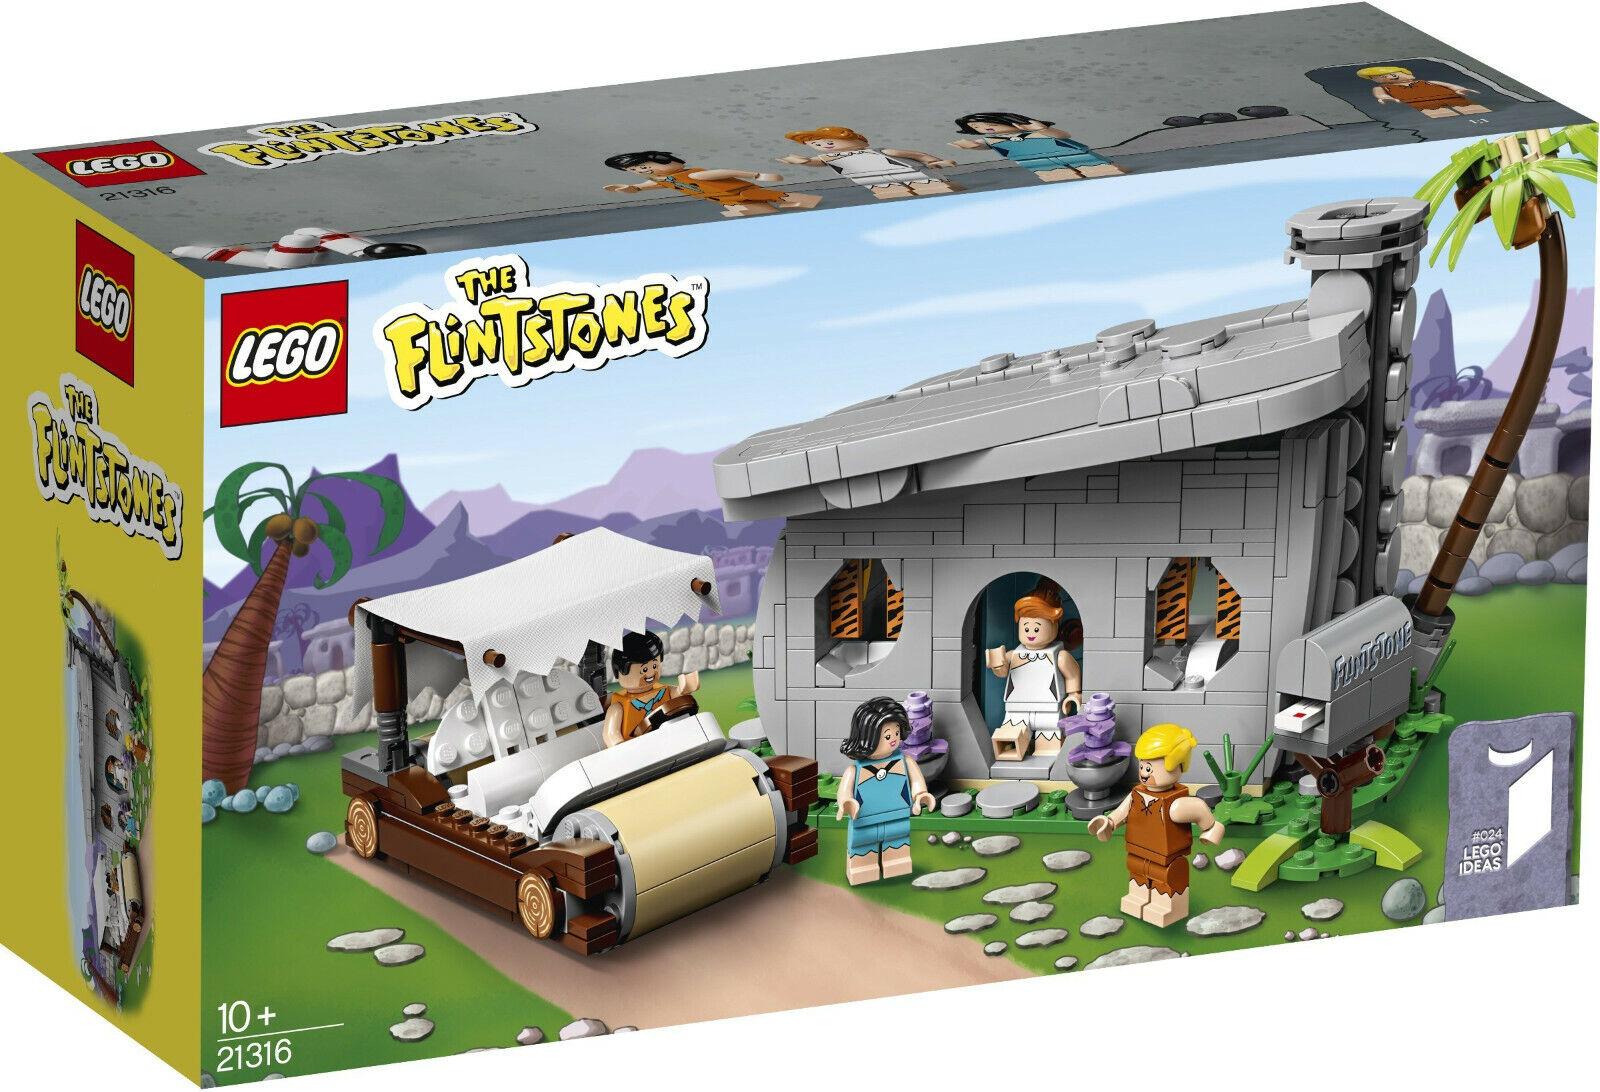 Lego Ideas - 21316 The Flintstones-Famille de feu Pierre-NEUF & neuf dans sa boîte